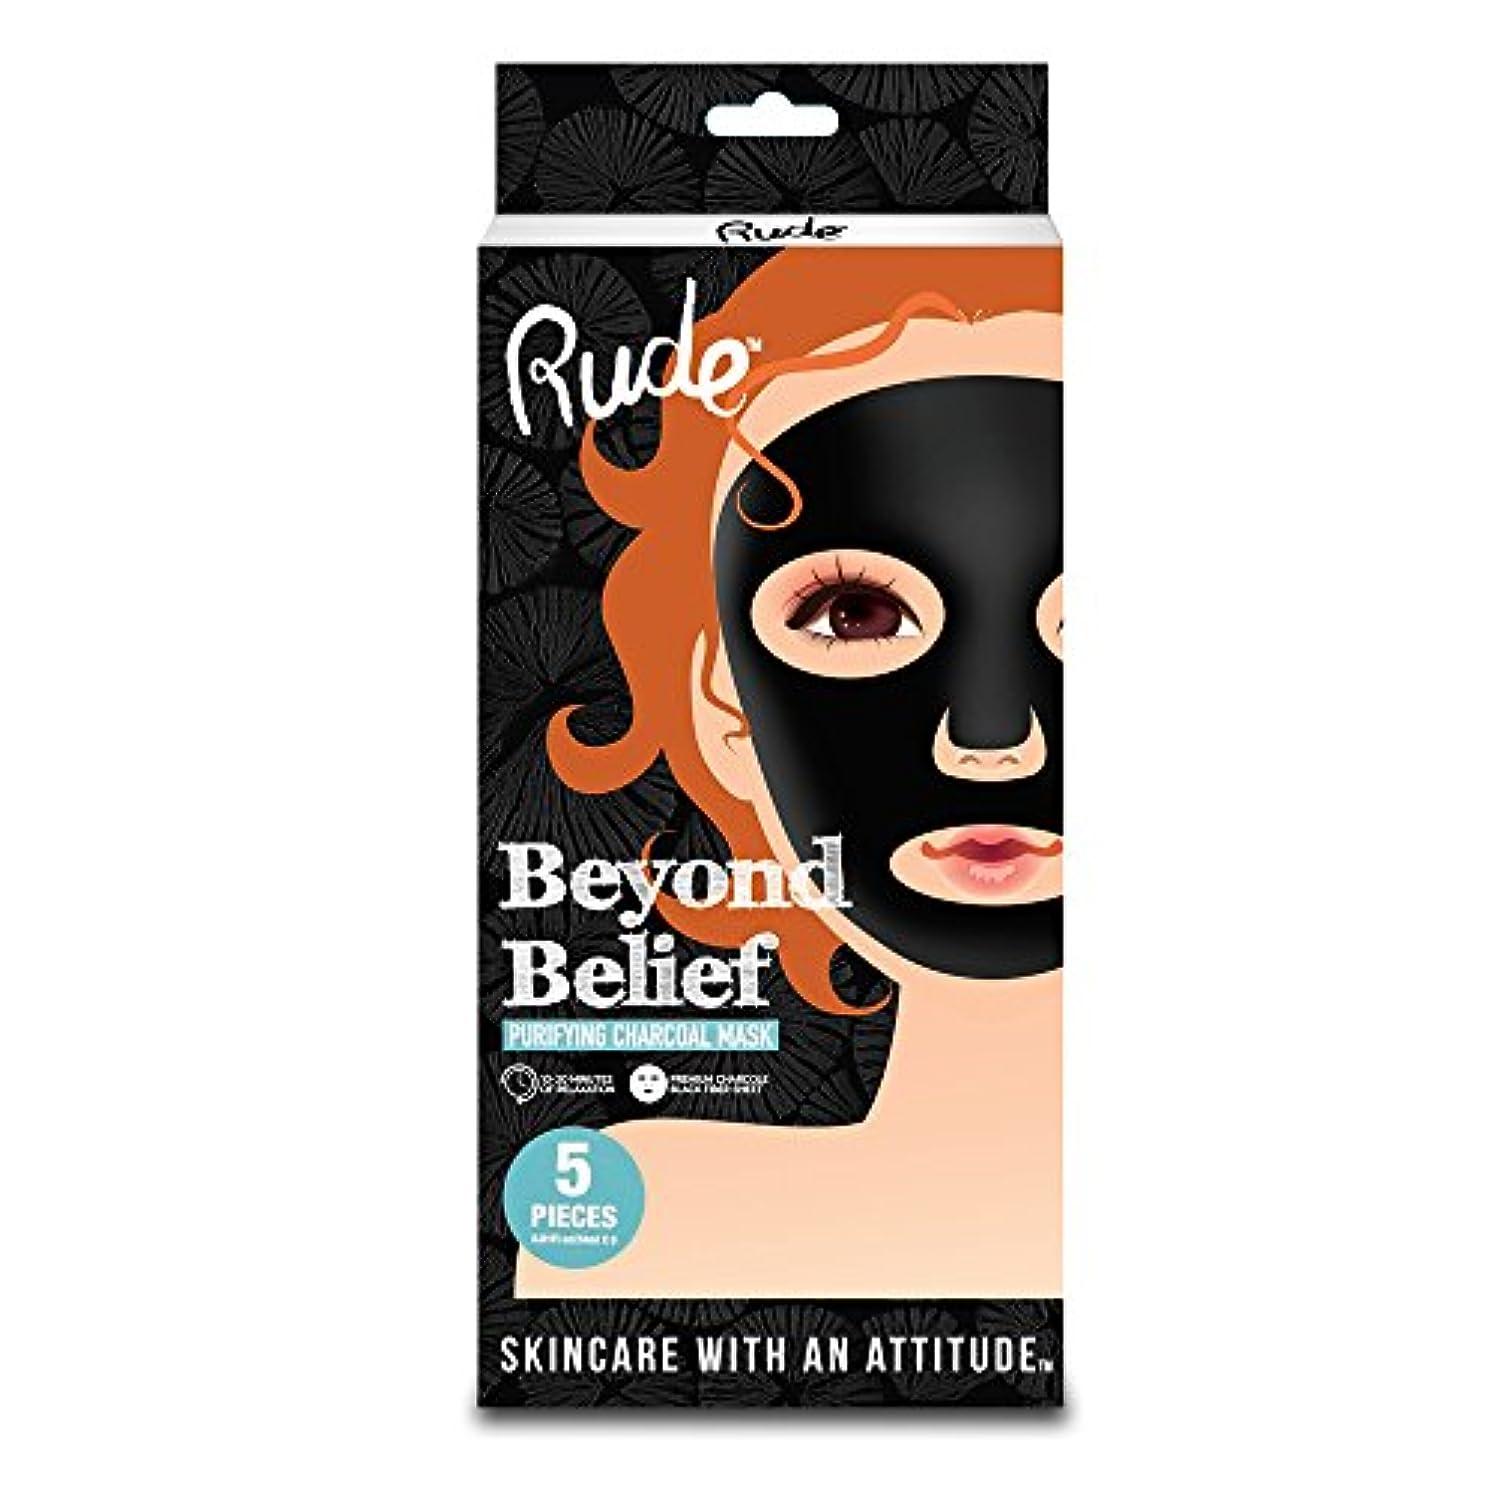 軍団イディオムリズミカルなRUDE Beyond Belief Purifying Charcoal Mask 5 Piece Pack (並行輸入品)